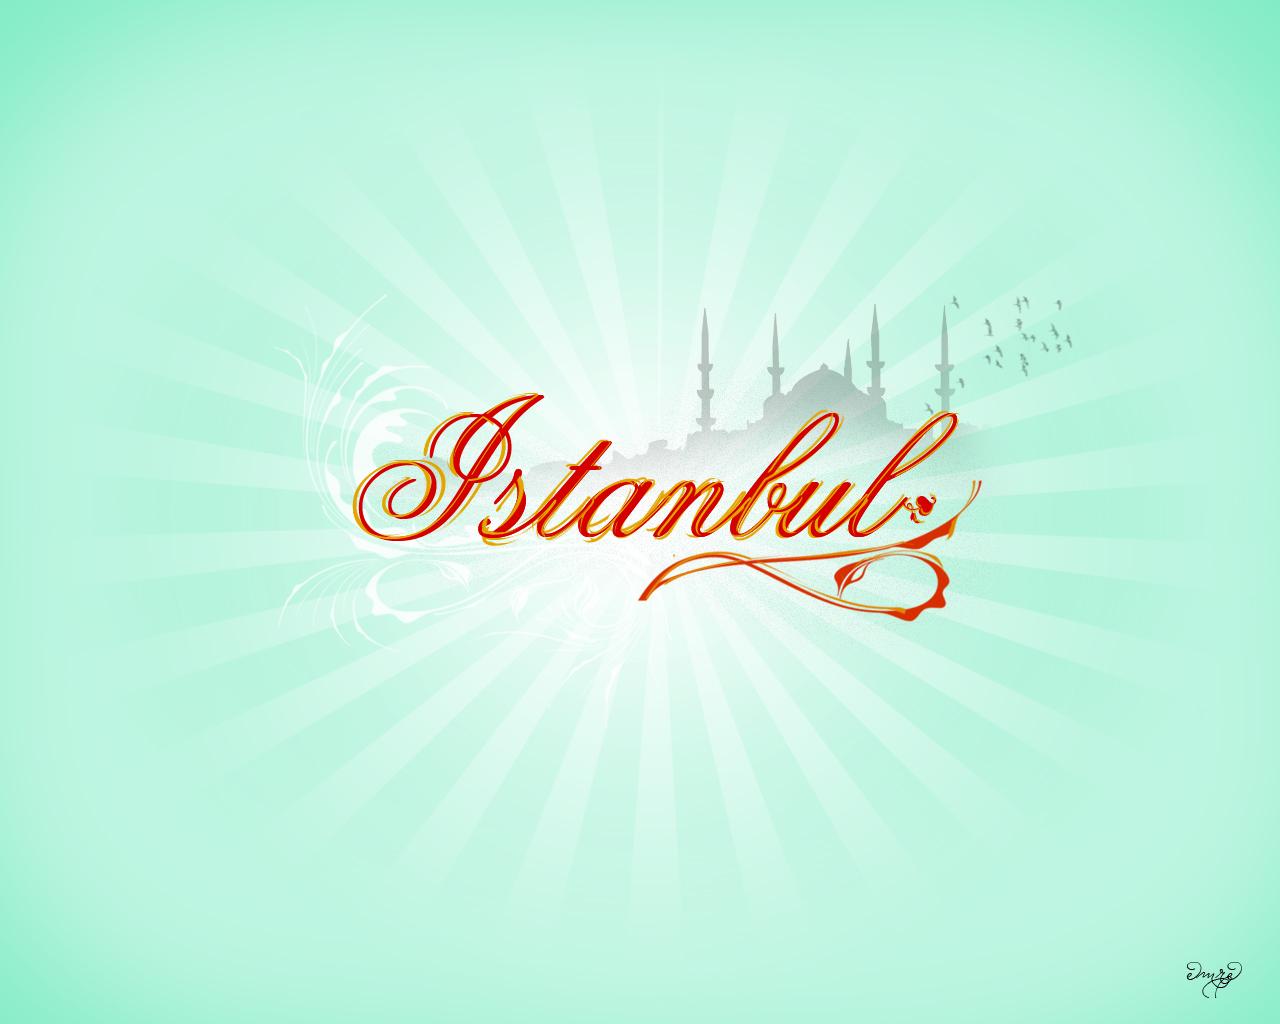 İstanbul logo çalışmam